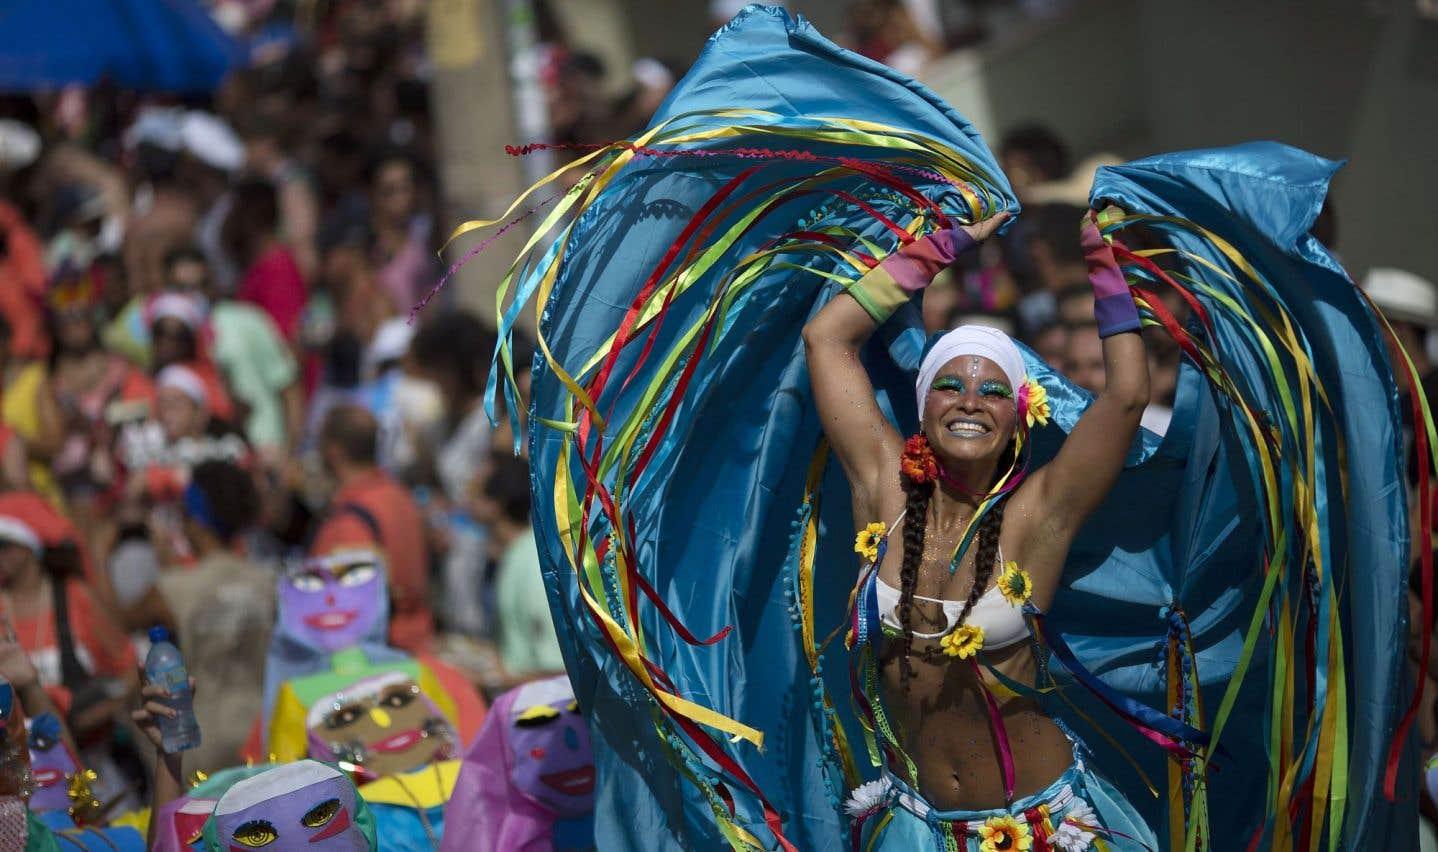 Le Carnaval de Rio pour oublier la crise